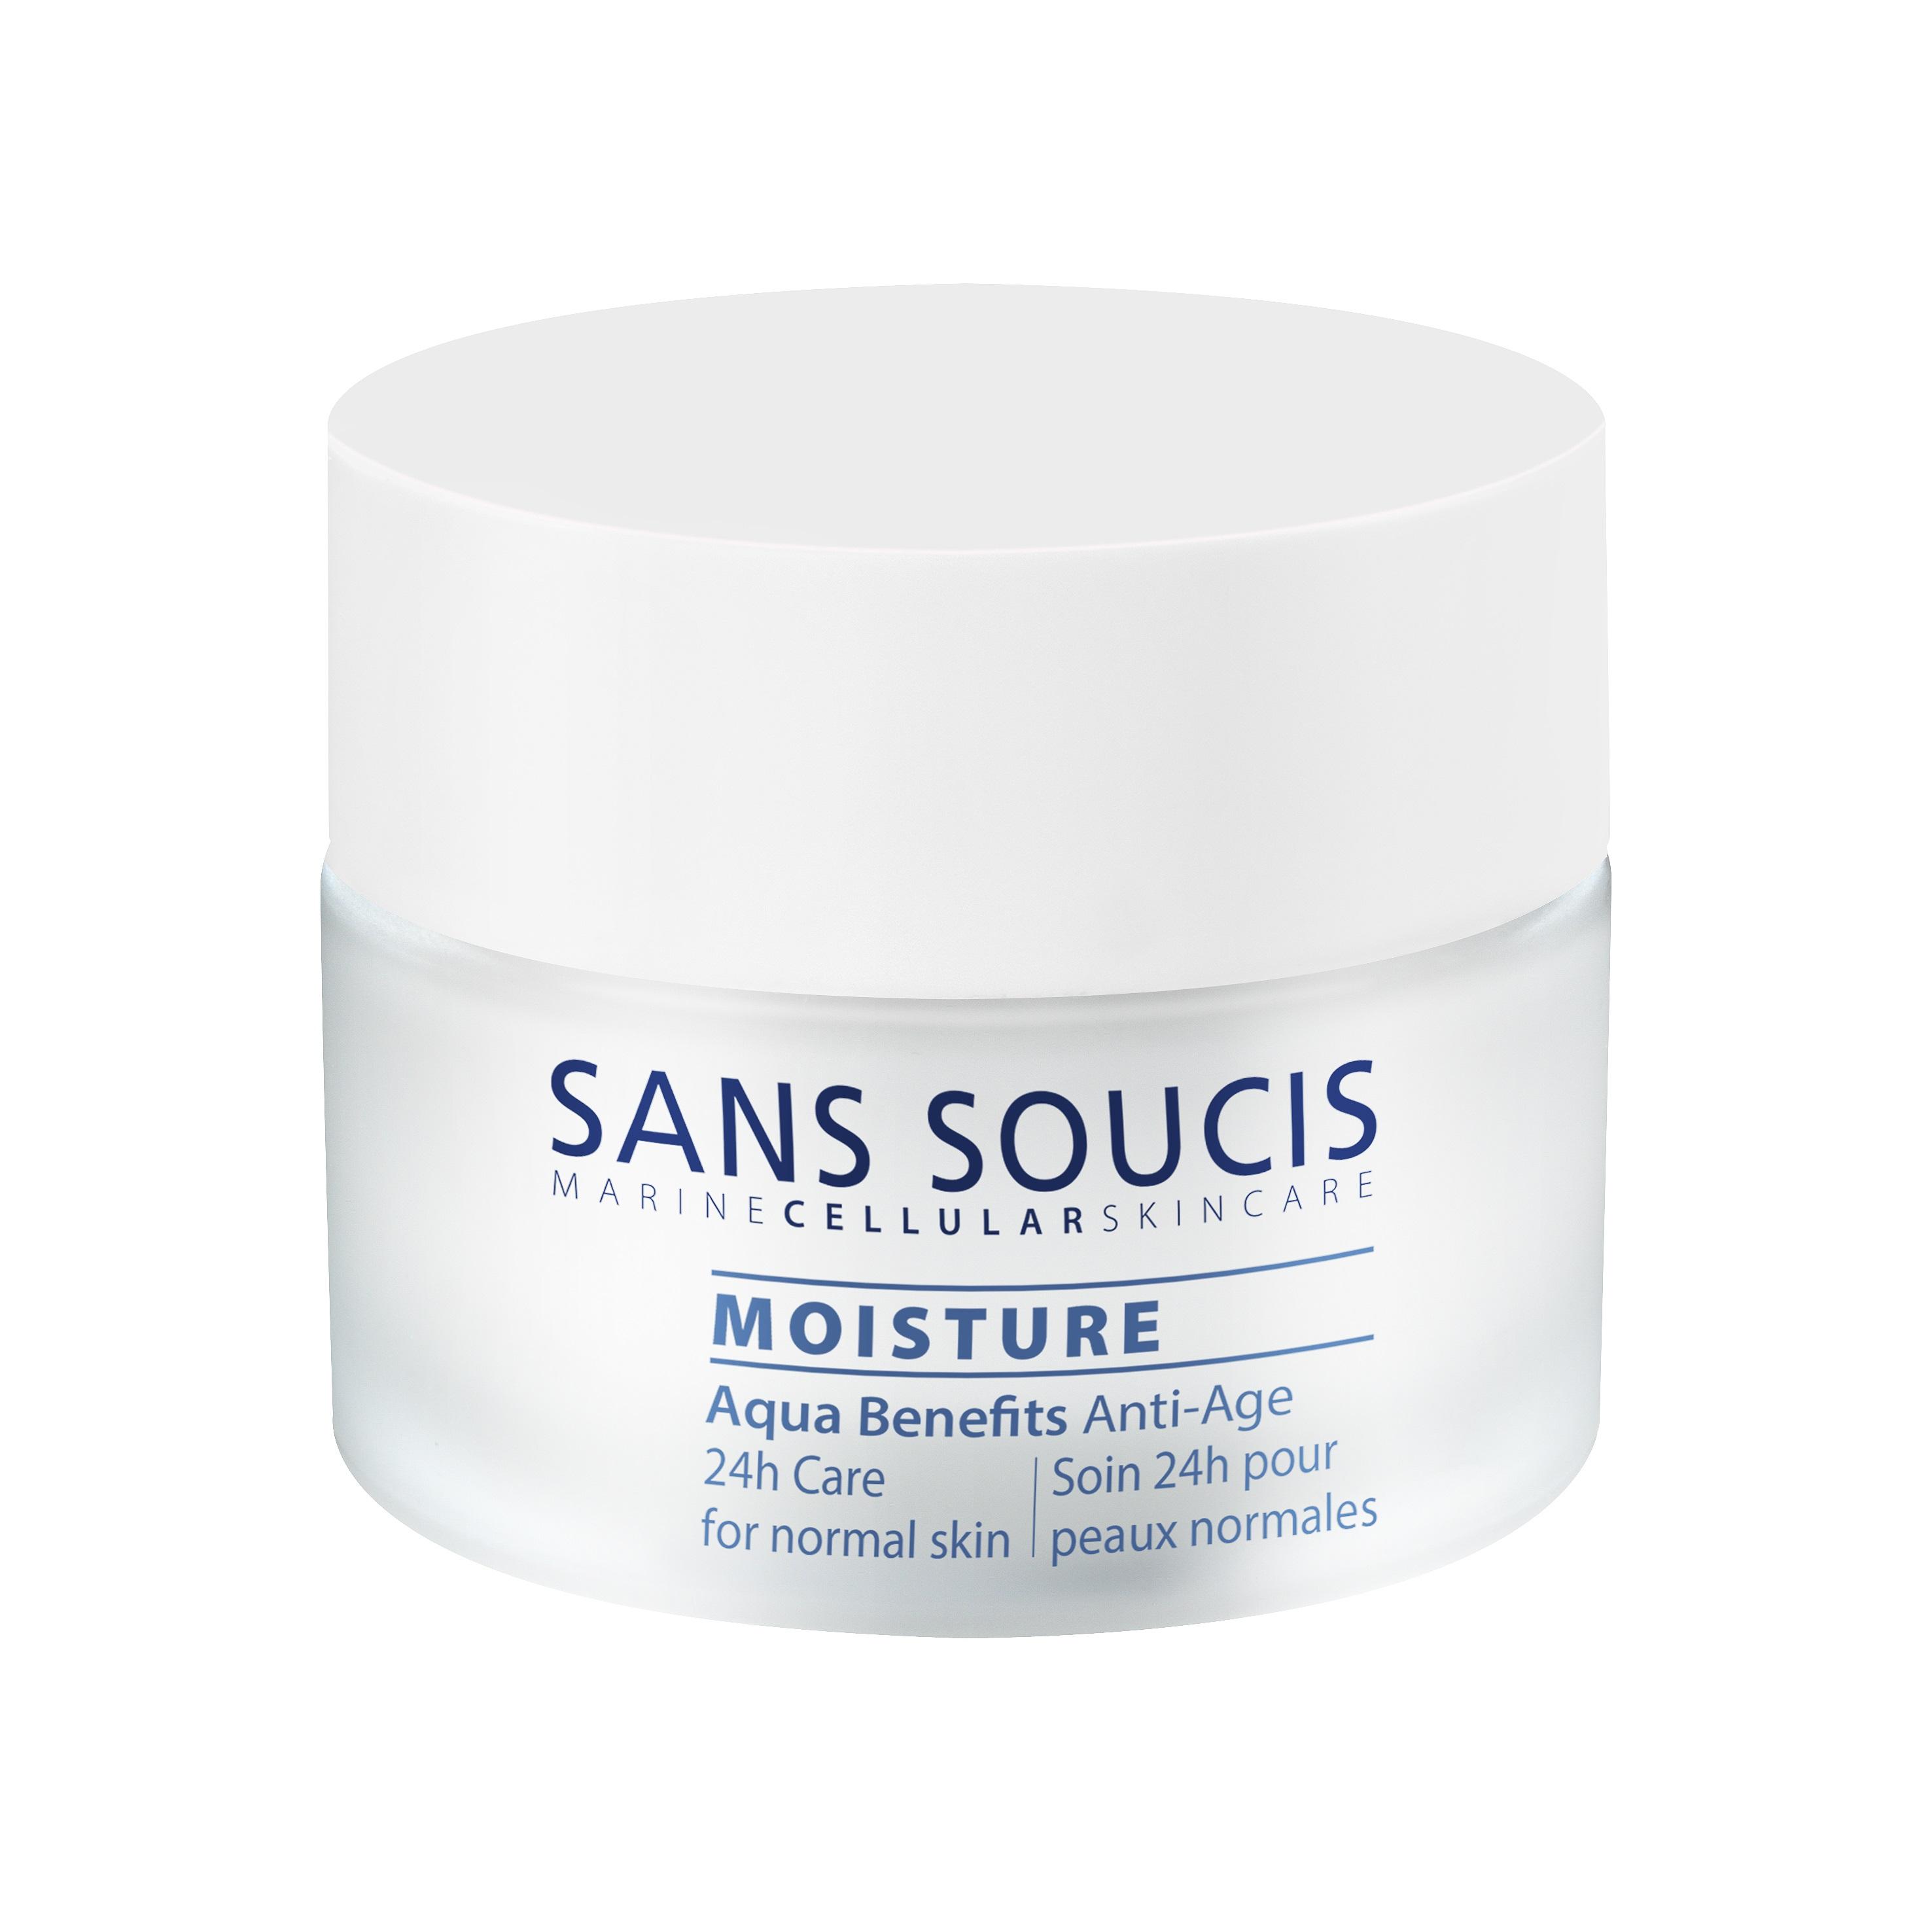 SANS SOUCIS Крем антивозрастной для 24 –часового ухода «Aqua Benefits» для нормальной кожи / Anti-ag